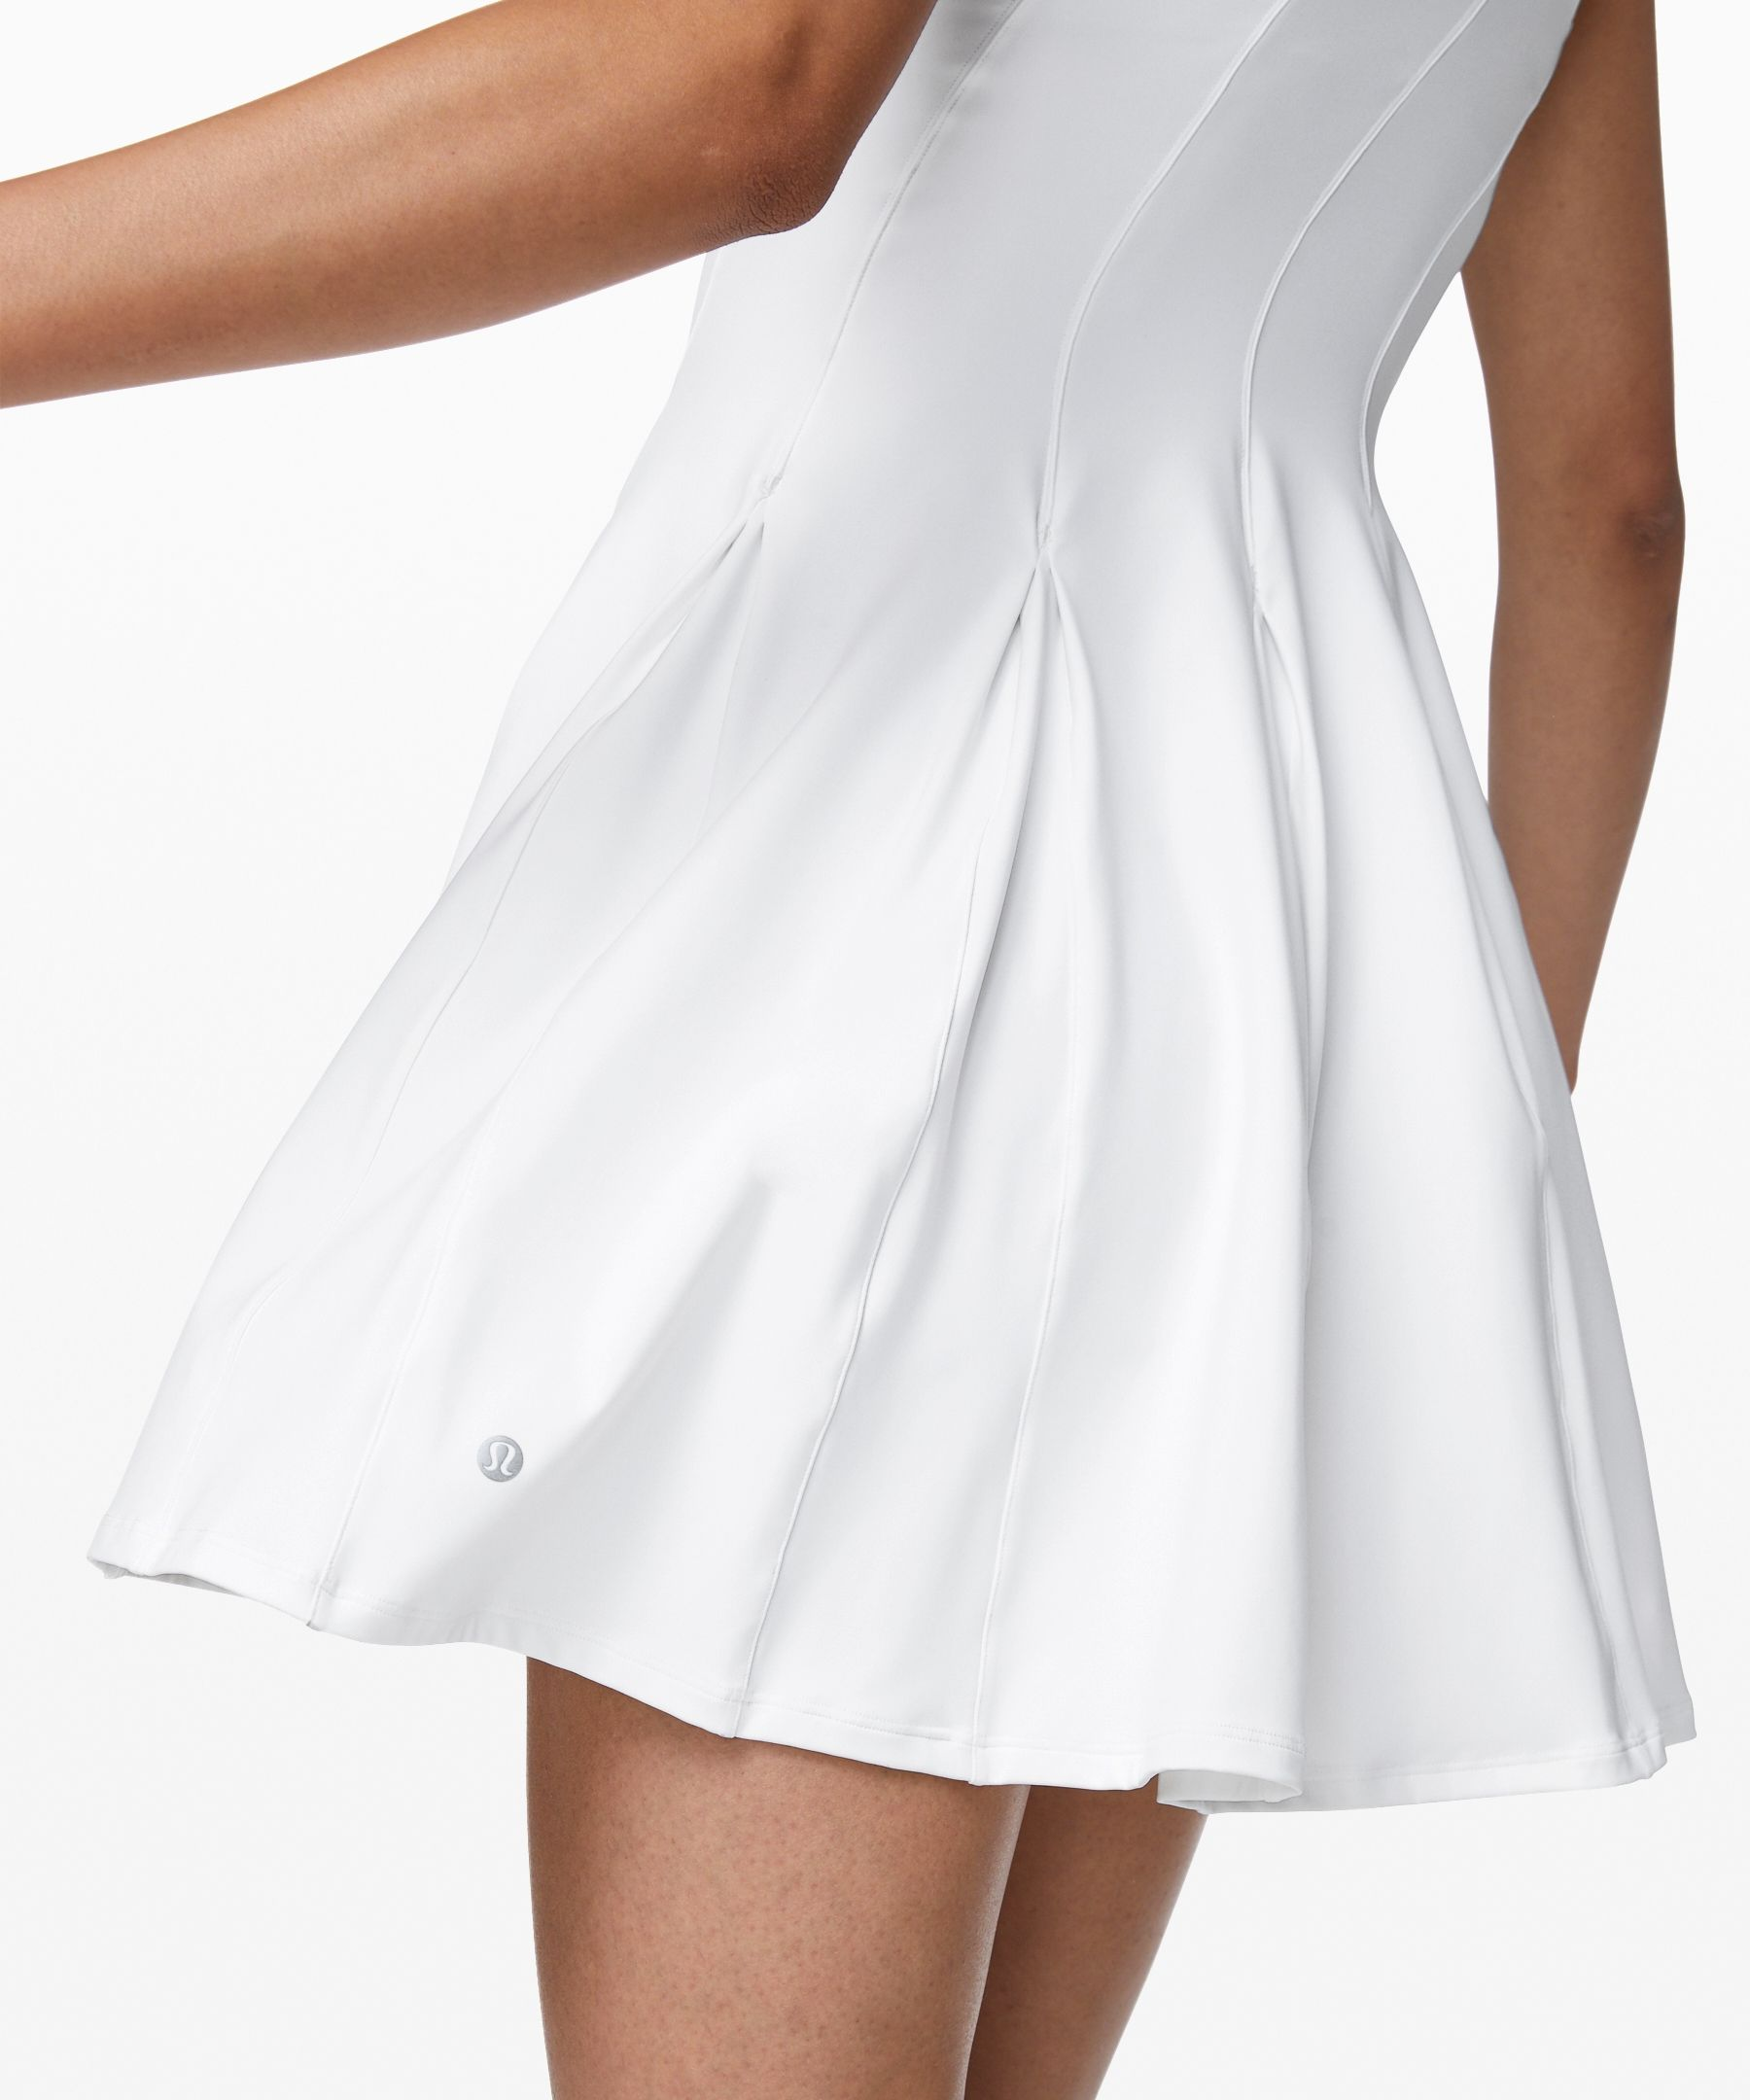 Lululemon Women S Court Crush Tennis Dress White Size 4 Tennis Outfit Women Tennis Dress White Tennis Dress [ 2160 x 1800 Pixel ]